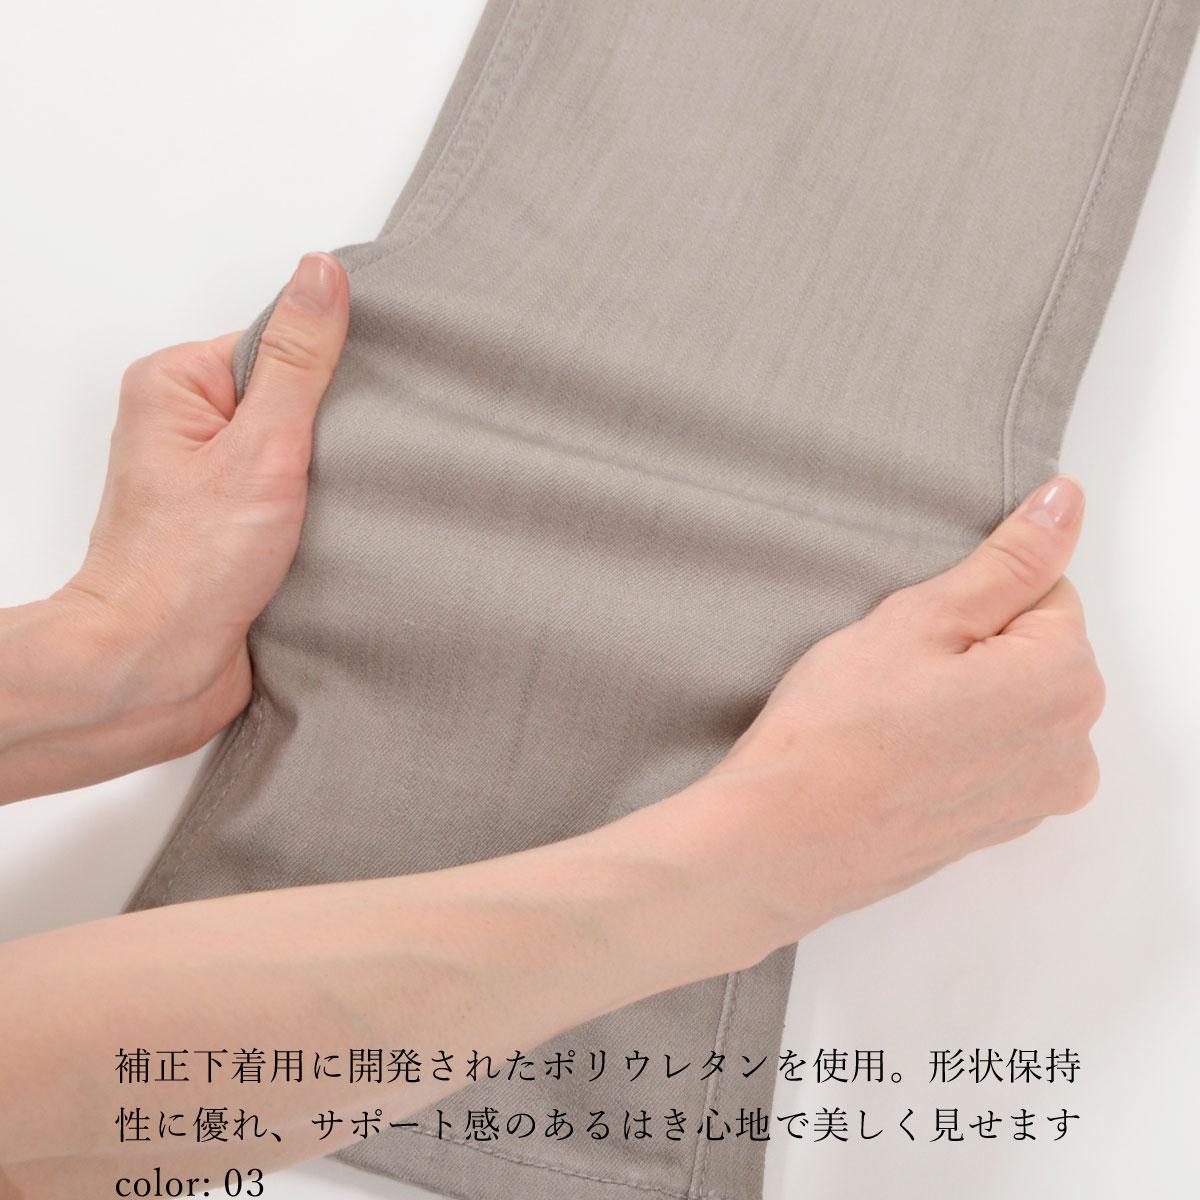 【SALE】Mrs.Jeana ■涼■ クールビューティカラー サマーストレート MJ4582